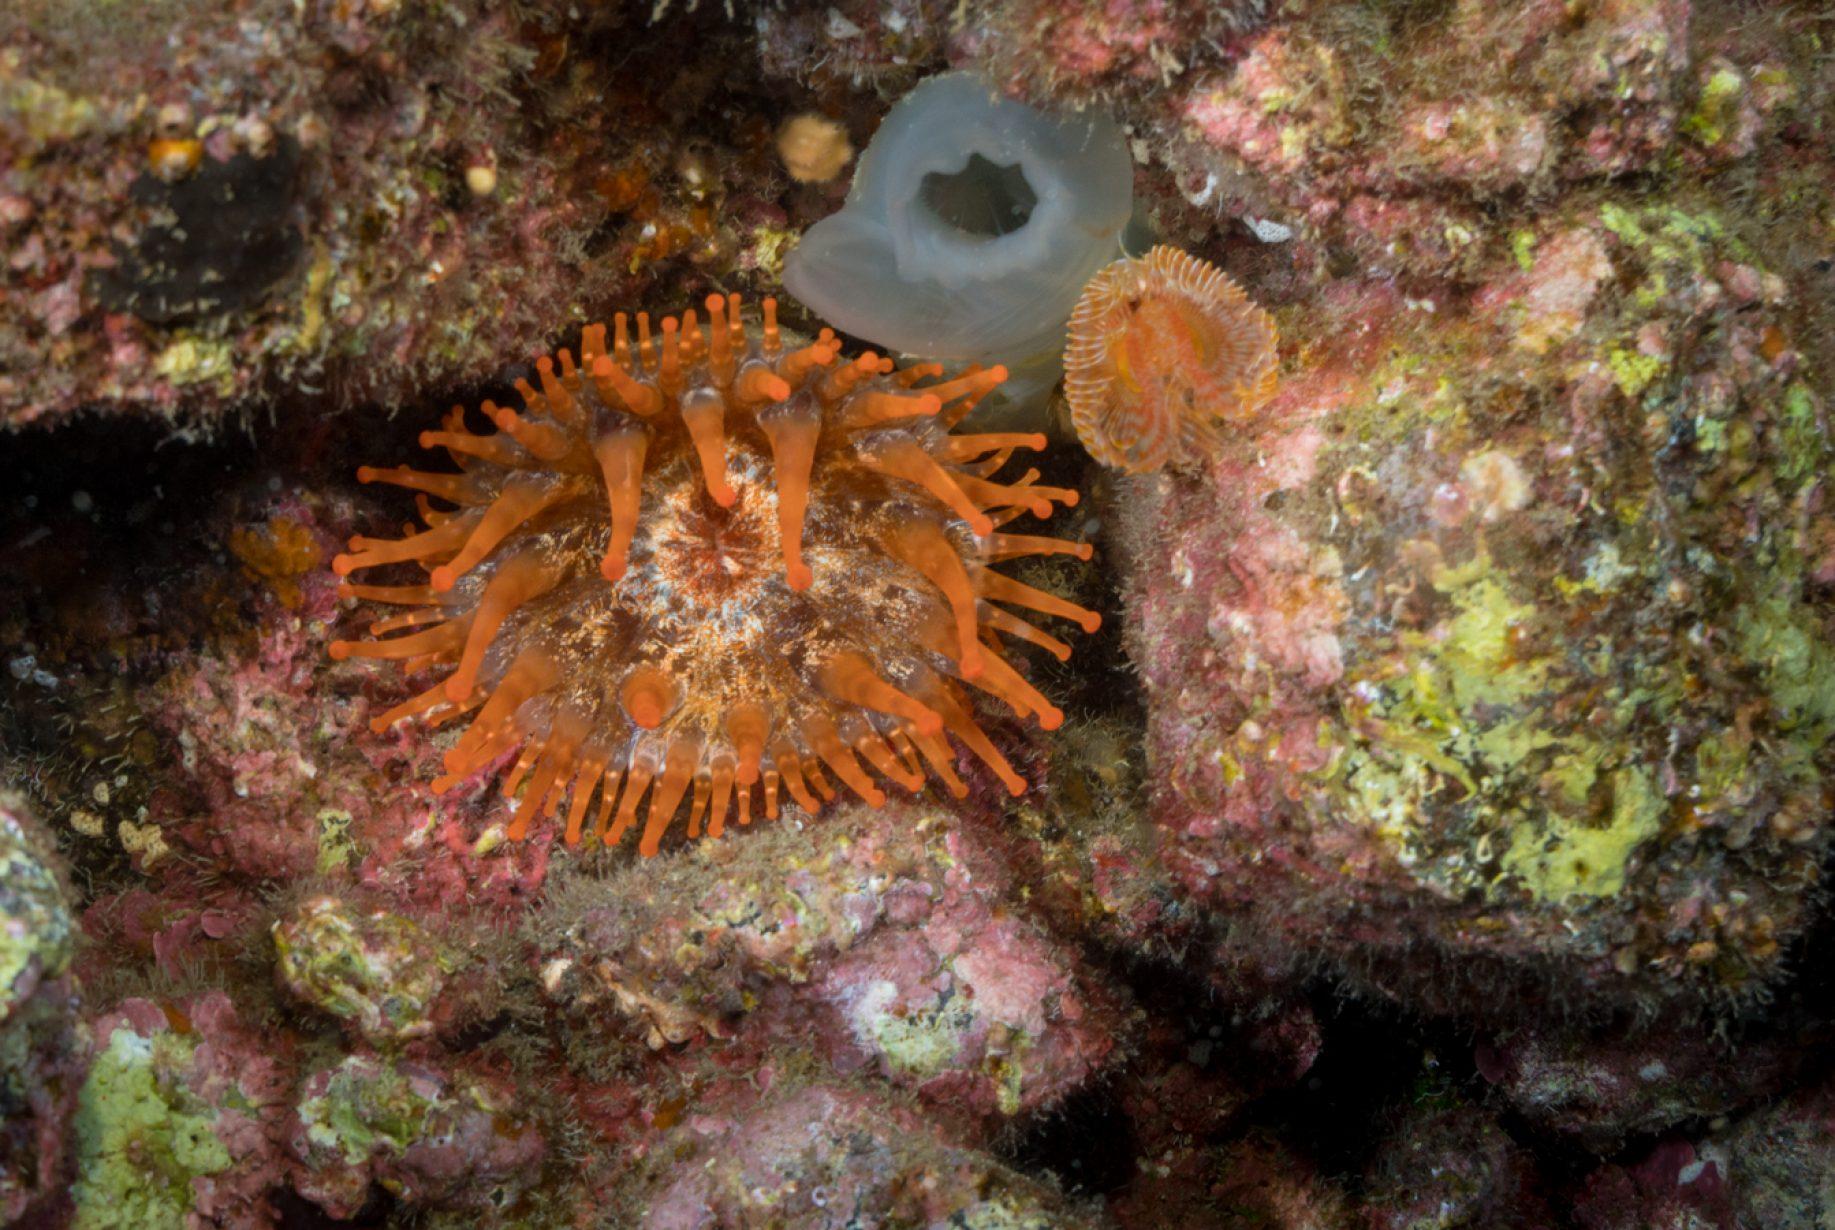 Los actiniarios son un orden de antozoos hexacorales comúnmente denominados anémonas de mar o actinias. Son animales marinos que se adhieren normalmente al sustrato, en algunas ocasiones en la arena del fondo, en otras, en las rocas, y hasta en las conchas de crustáceos o moluscos. El camarón limpiador del Pacífico, también conocido como camarón limpiador del Norte es una especie de camarón de la familia Lysmatidae, orden Decapoda. Es un camarón omnívoro, el cual se alimenta generalmente de parásitos y tejidos muertos. Este camarón limpiador es una parte importante del ecosistema de arrecife.